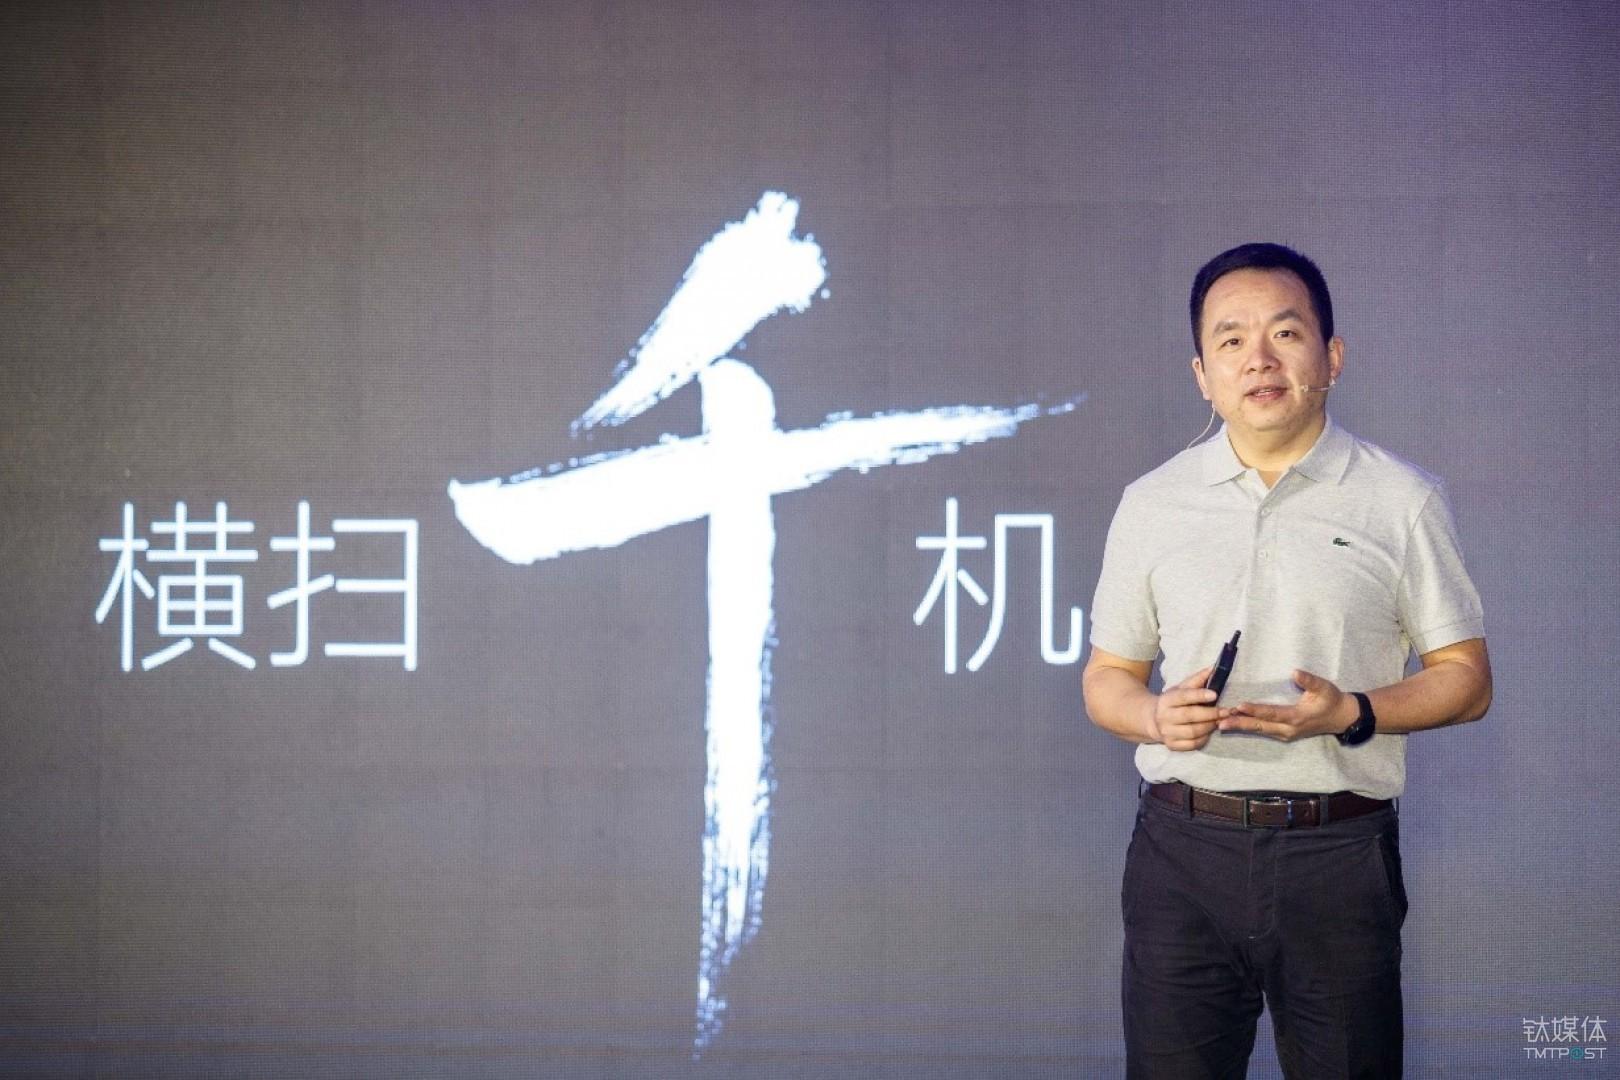 国美通讯CEO沙翔